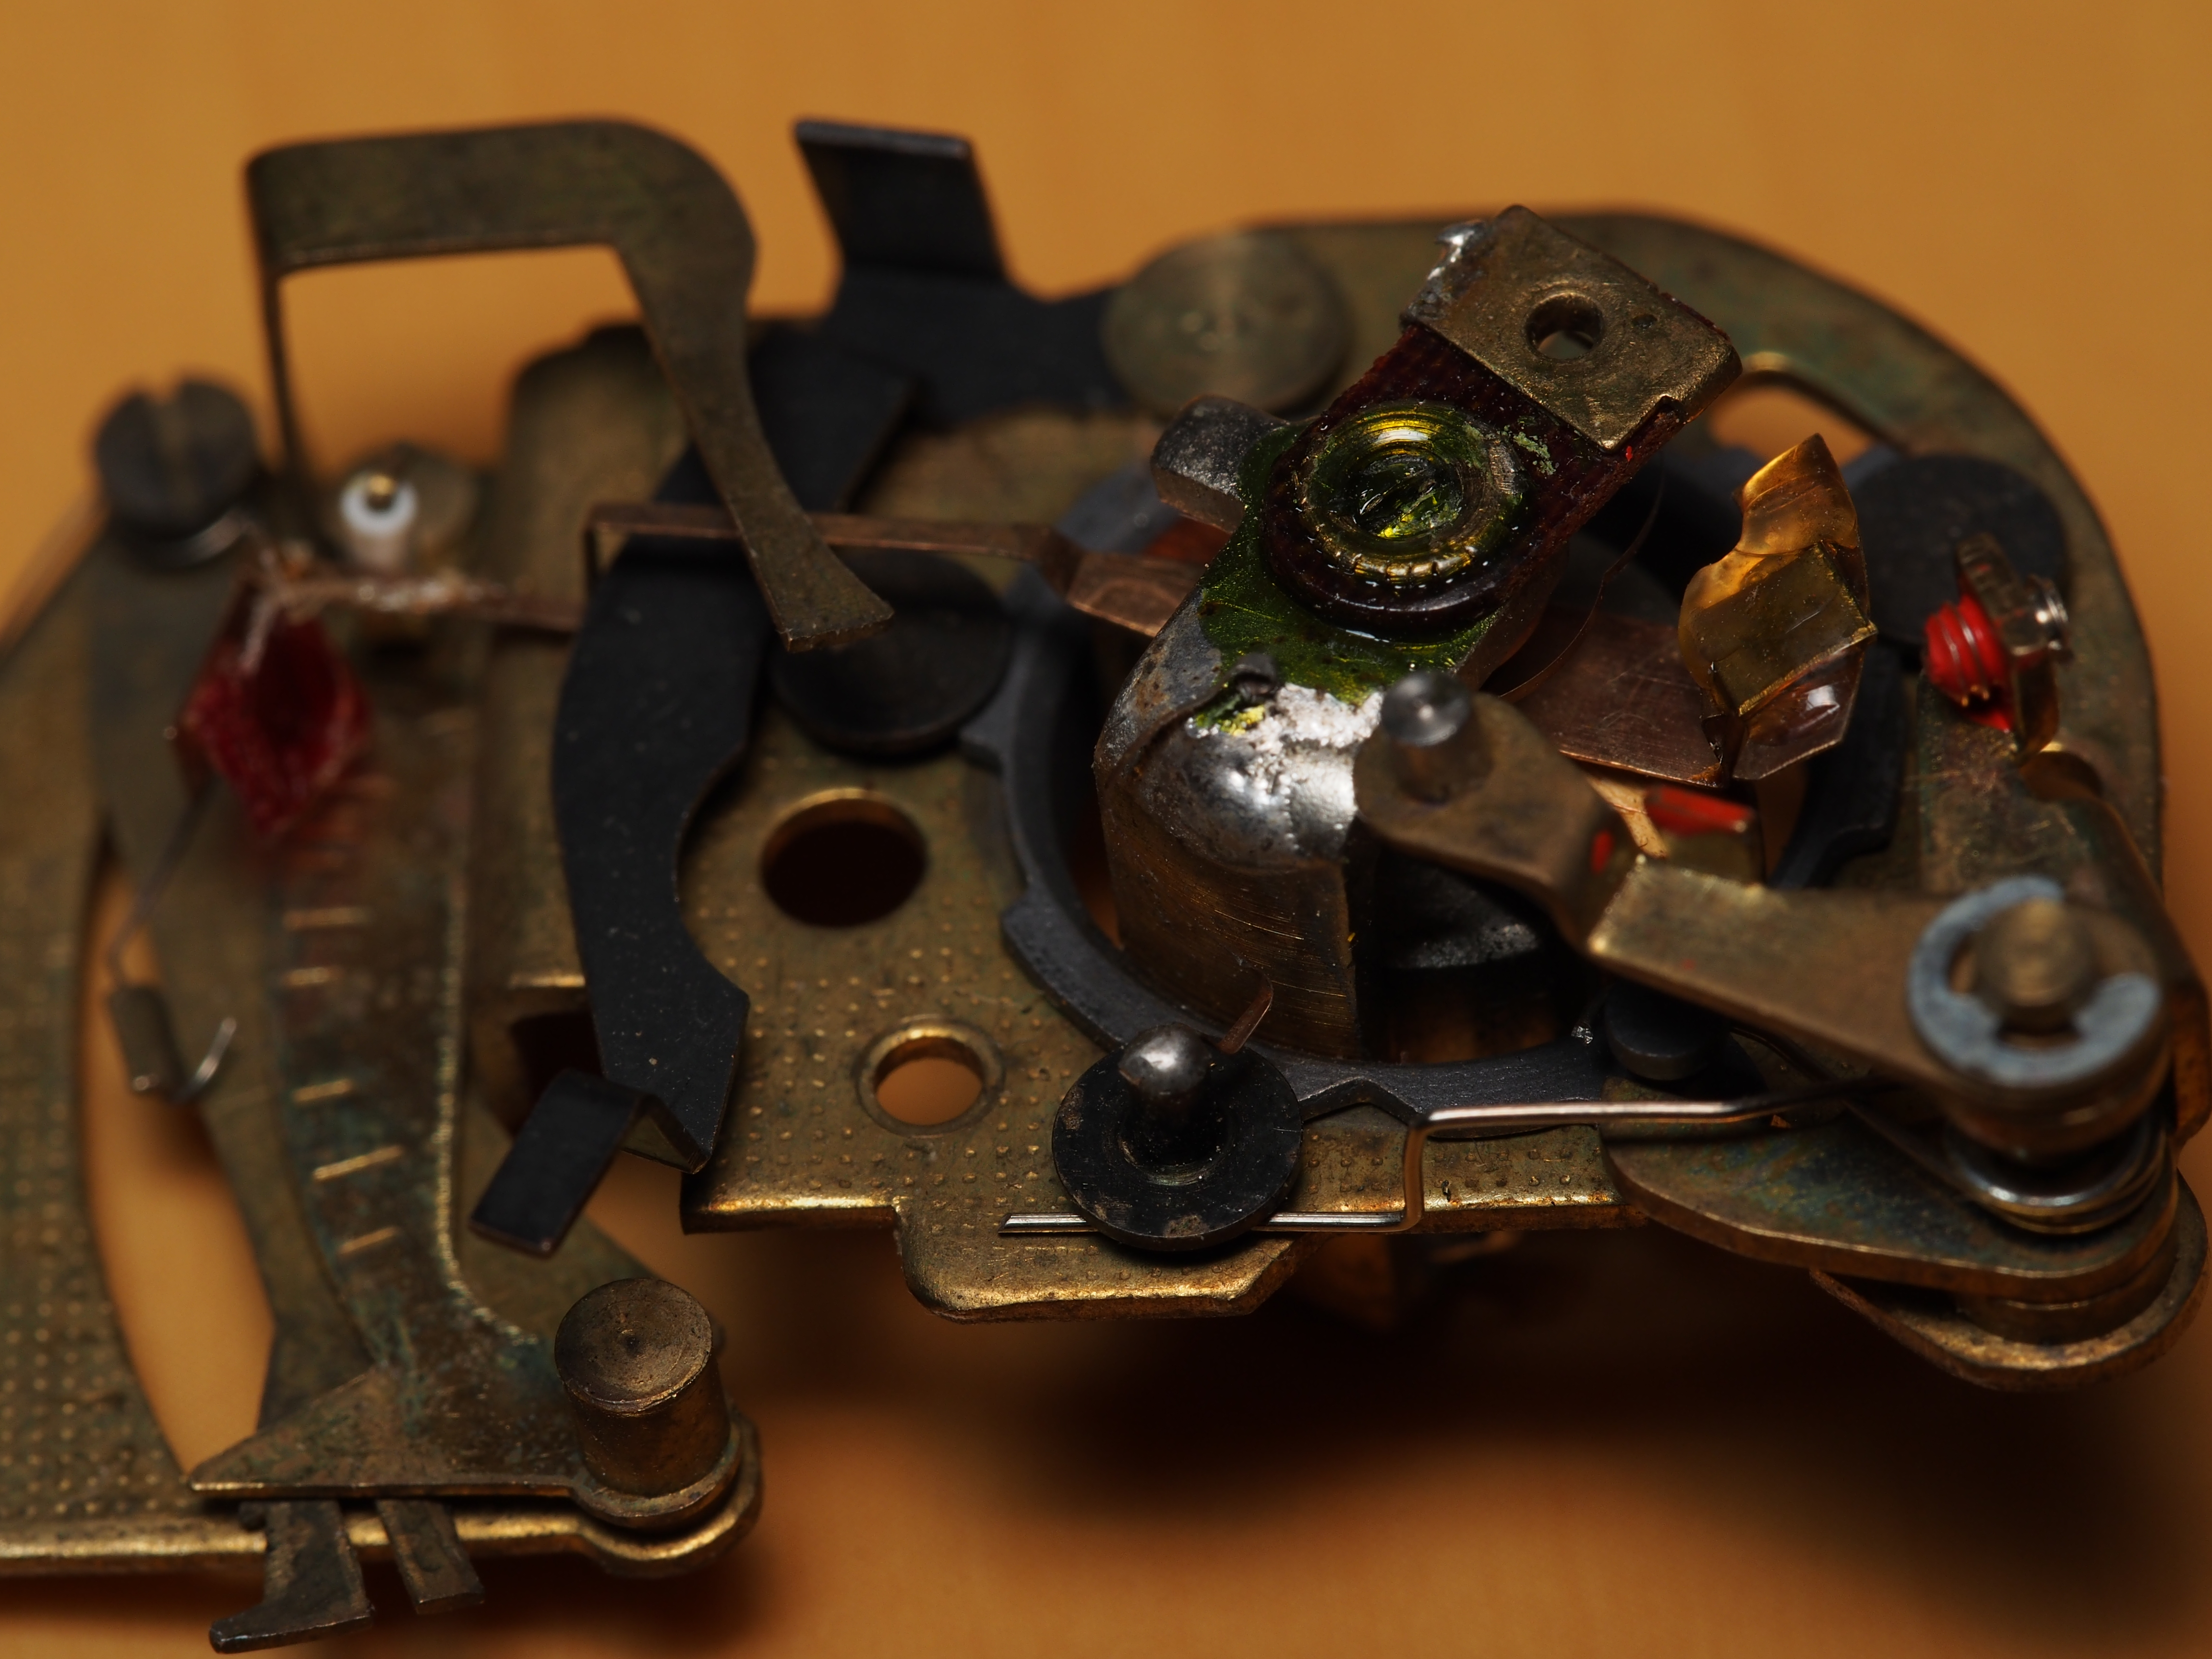 F8 / M.ZUIKO DIGITAL ED 60mm F2.8 Macro